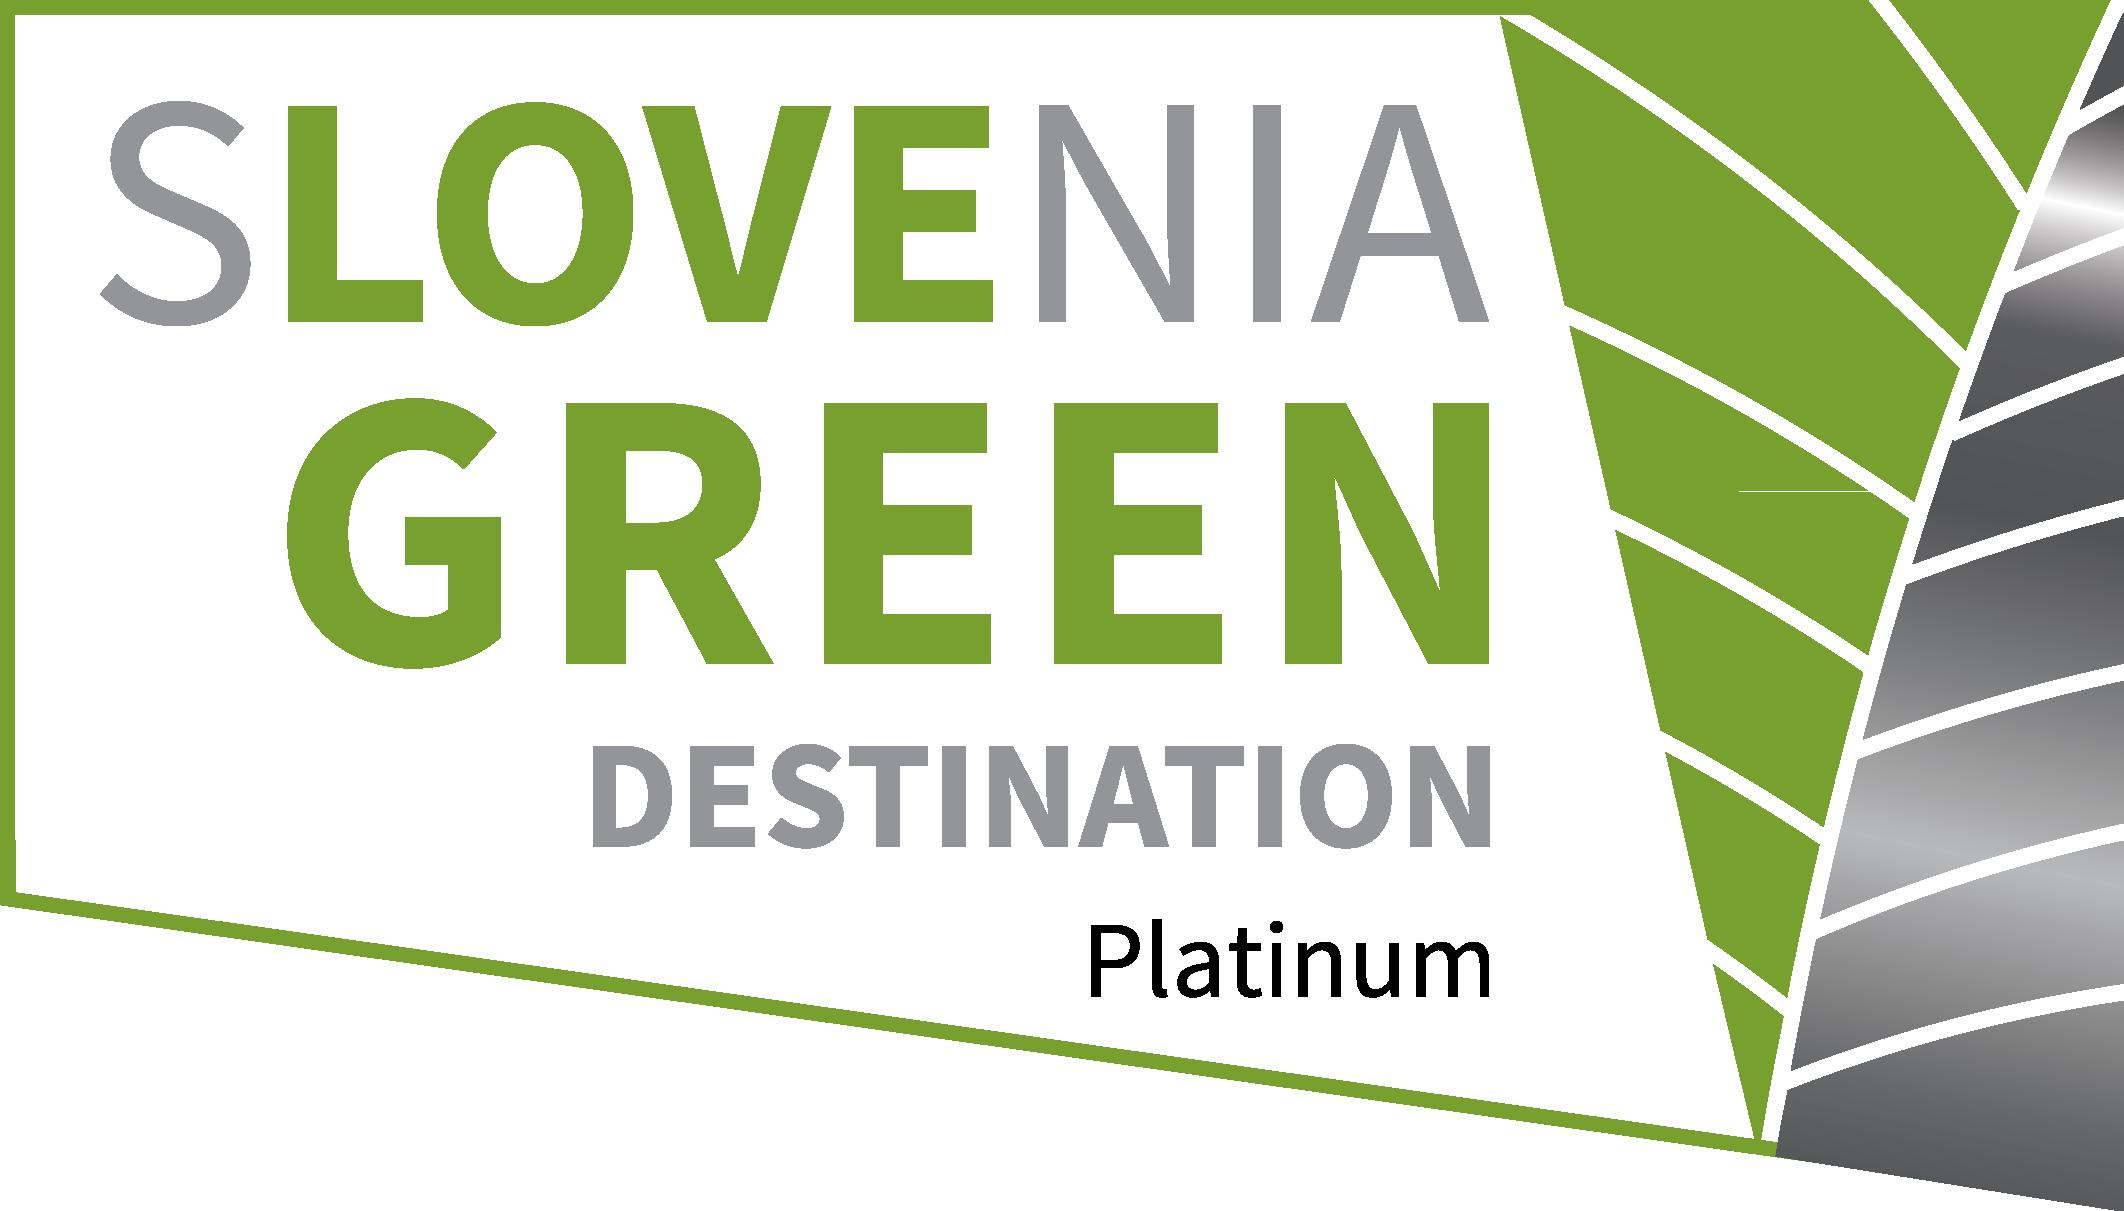 Slovenia Green Platinum